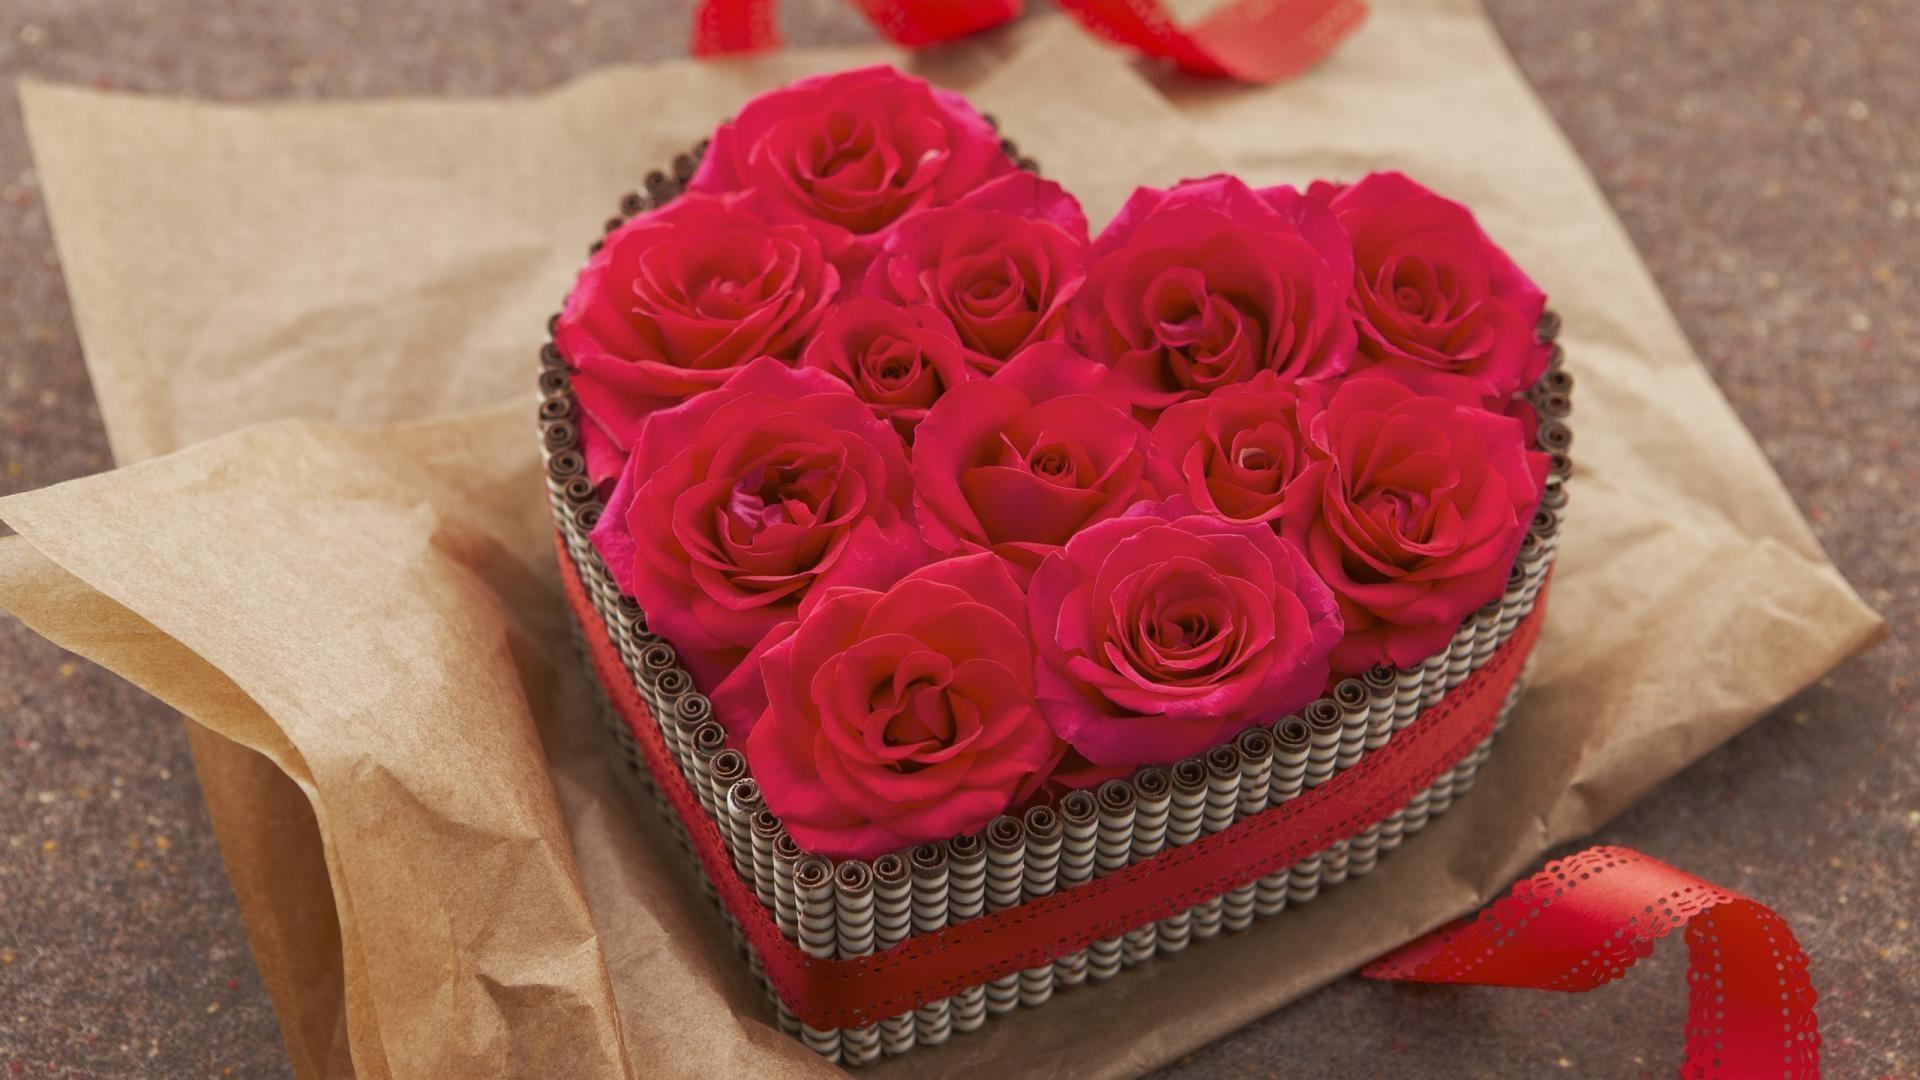 Vì sao hoa hồng và socola là hai món quà thường tặng trong ngày Valentine? - Ảnh 1